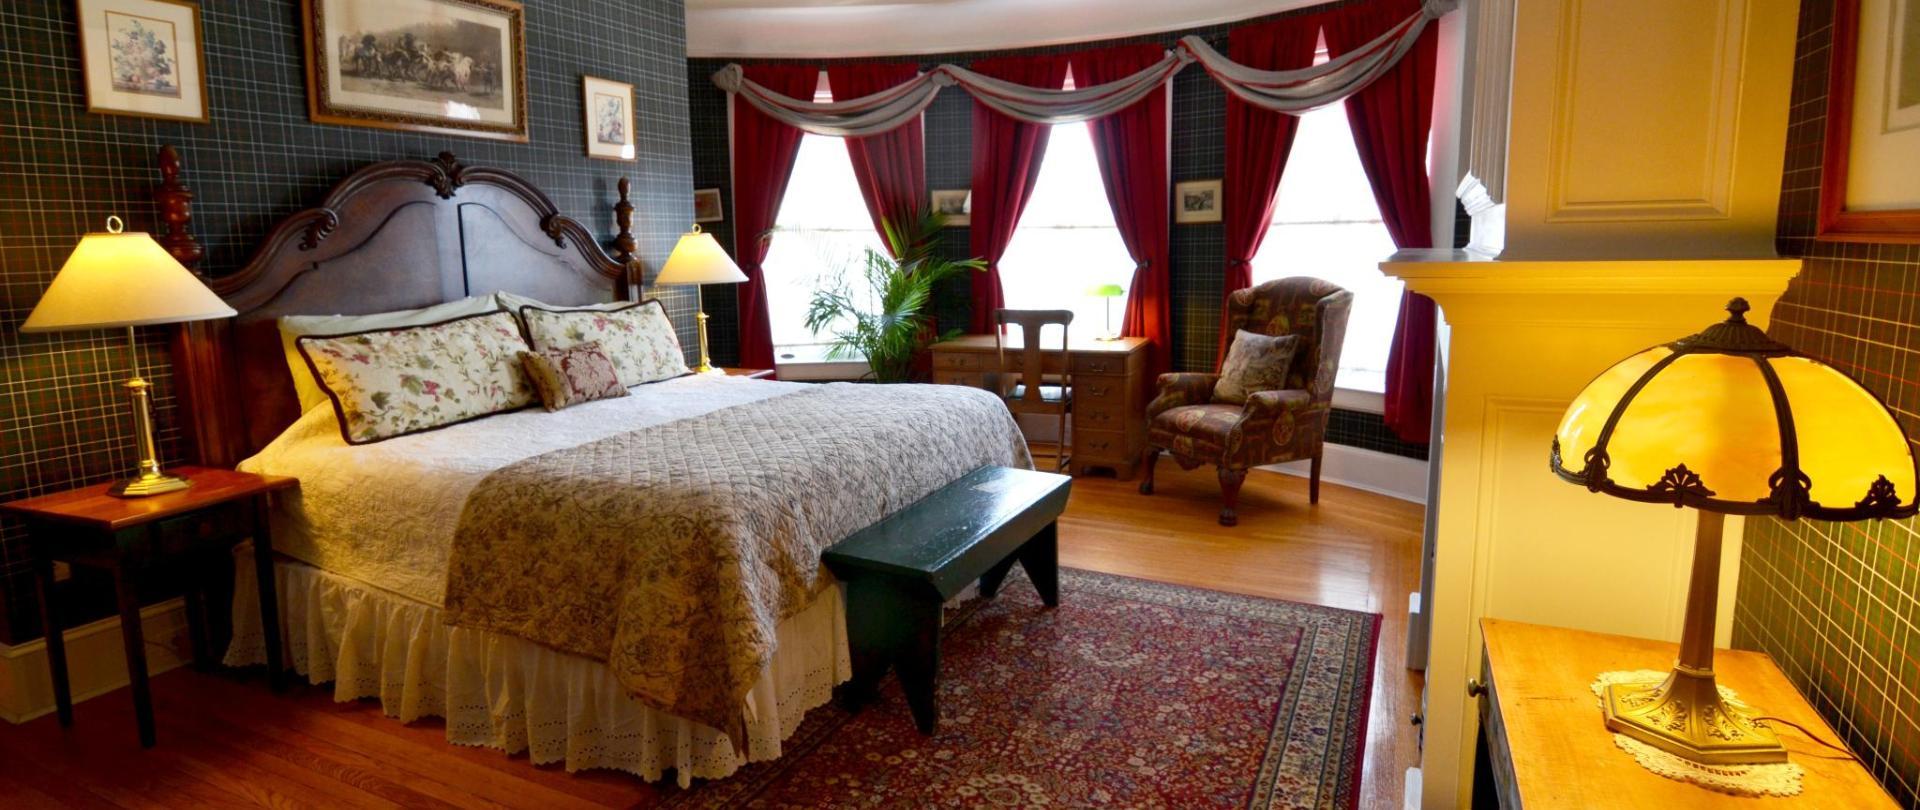 Kate room.jpg